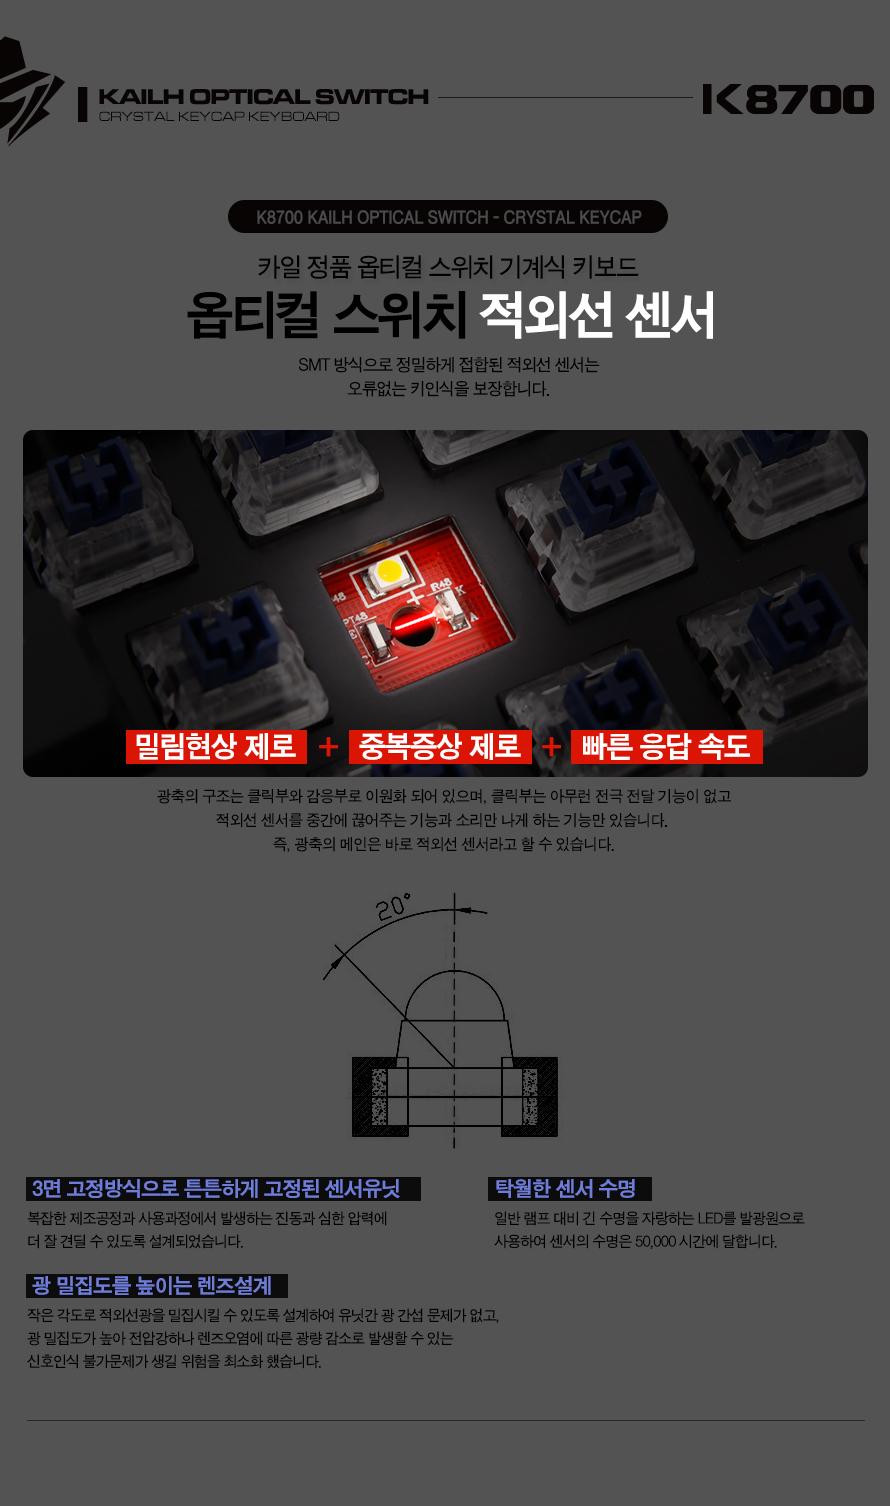 ABKO HACKER K8700 카일 광축 완전방수 크리스탈 키캡(블랙, 리니어)